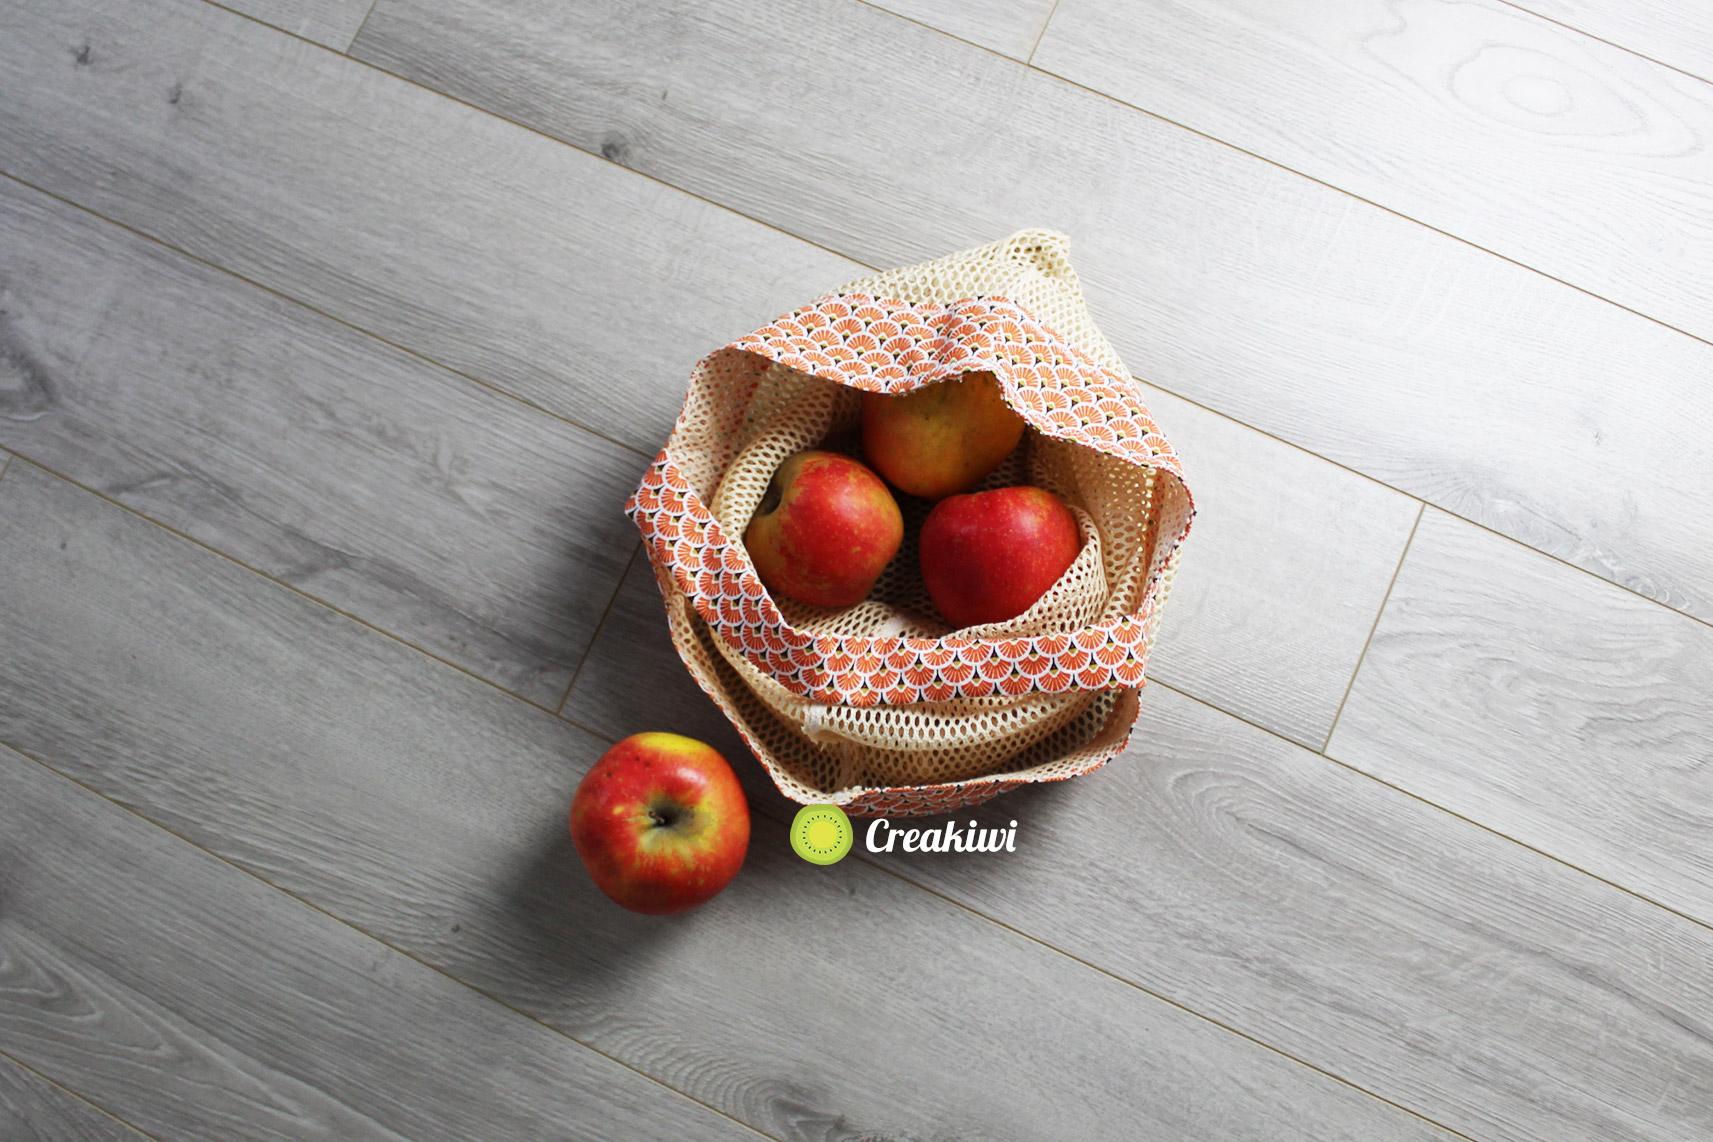 Le sac en filet pour les fruits en vrac